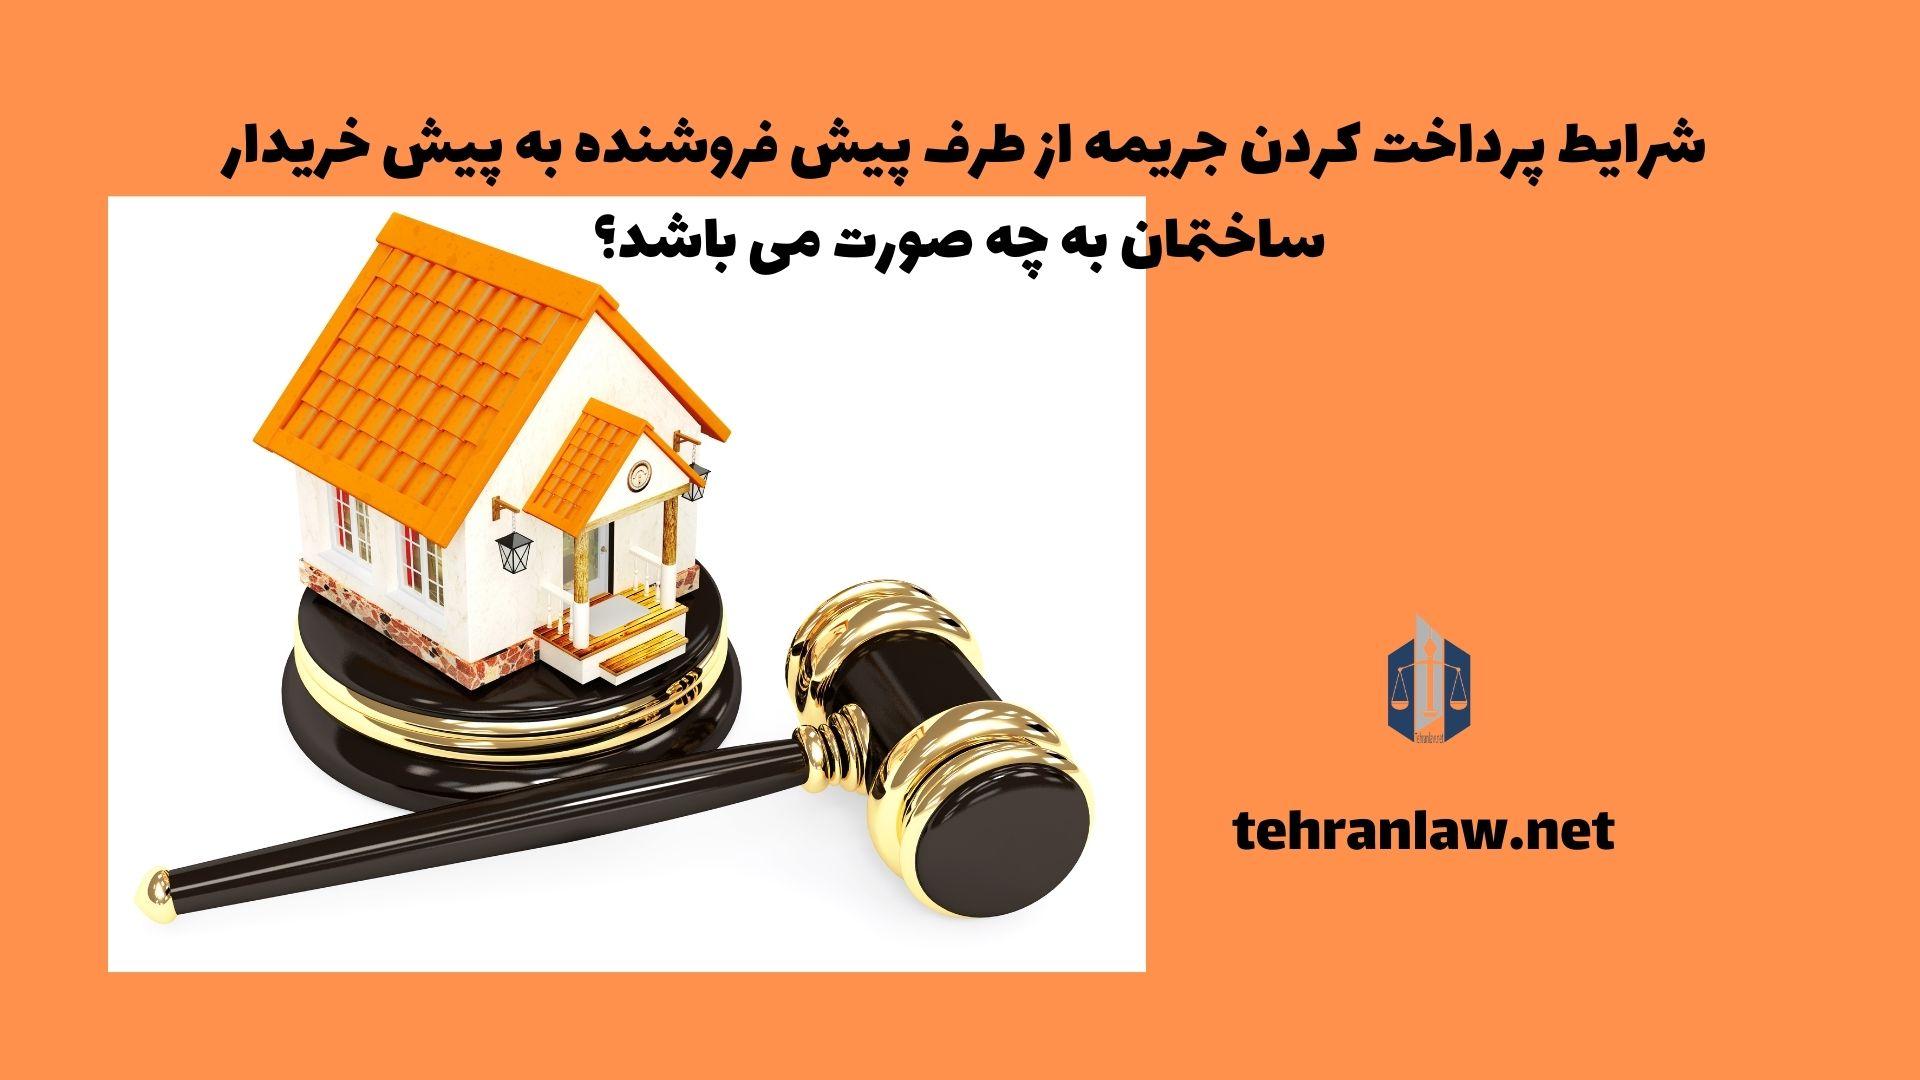 شرایط پرداخت کردن جریمه از طرف پیش فروشنده به پیش خریدار ساختمان به چه صورت می باشد؟